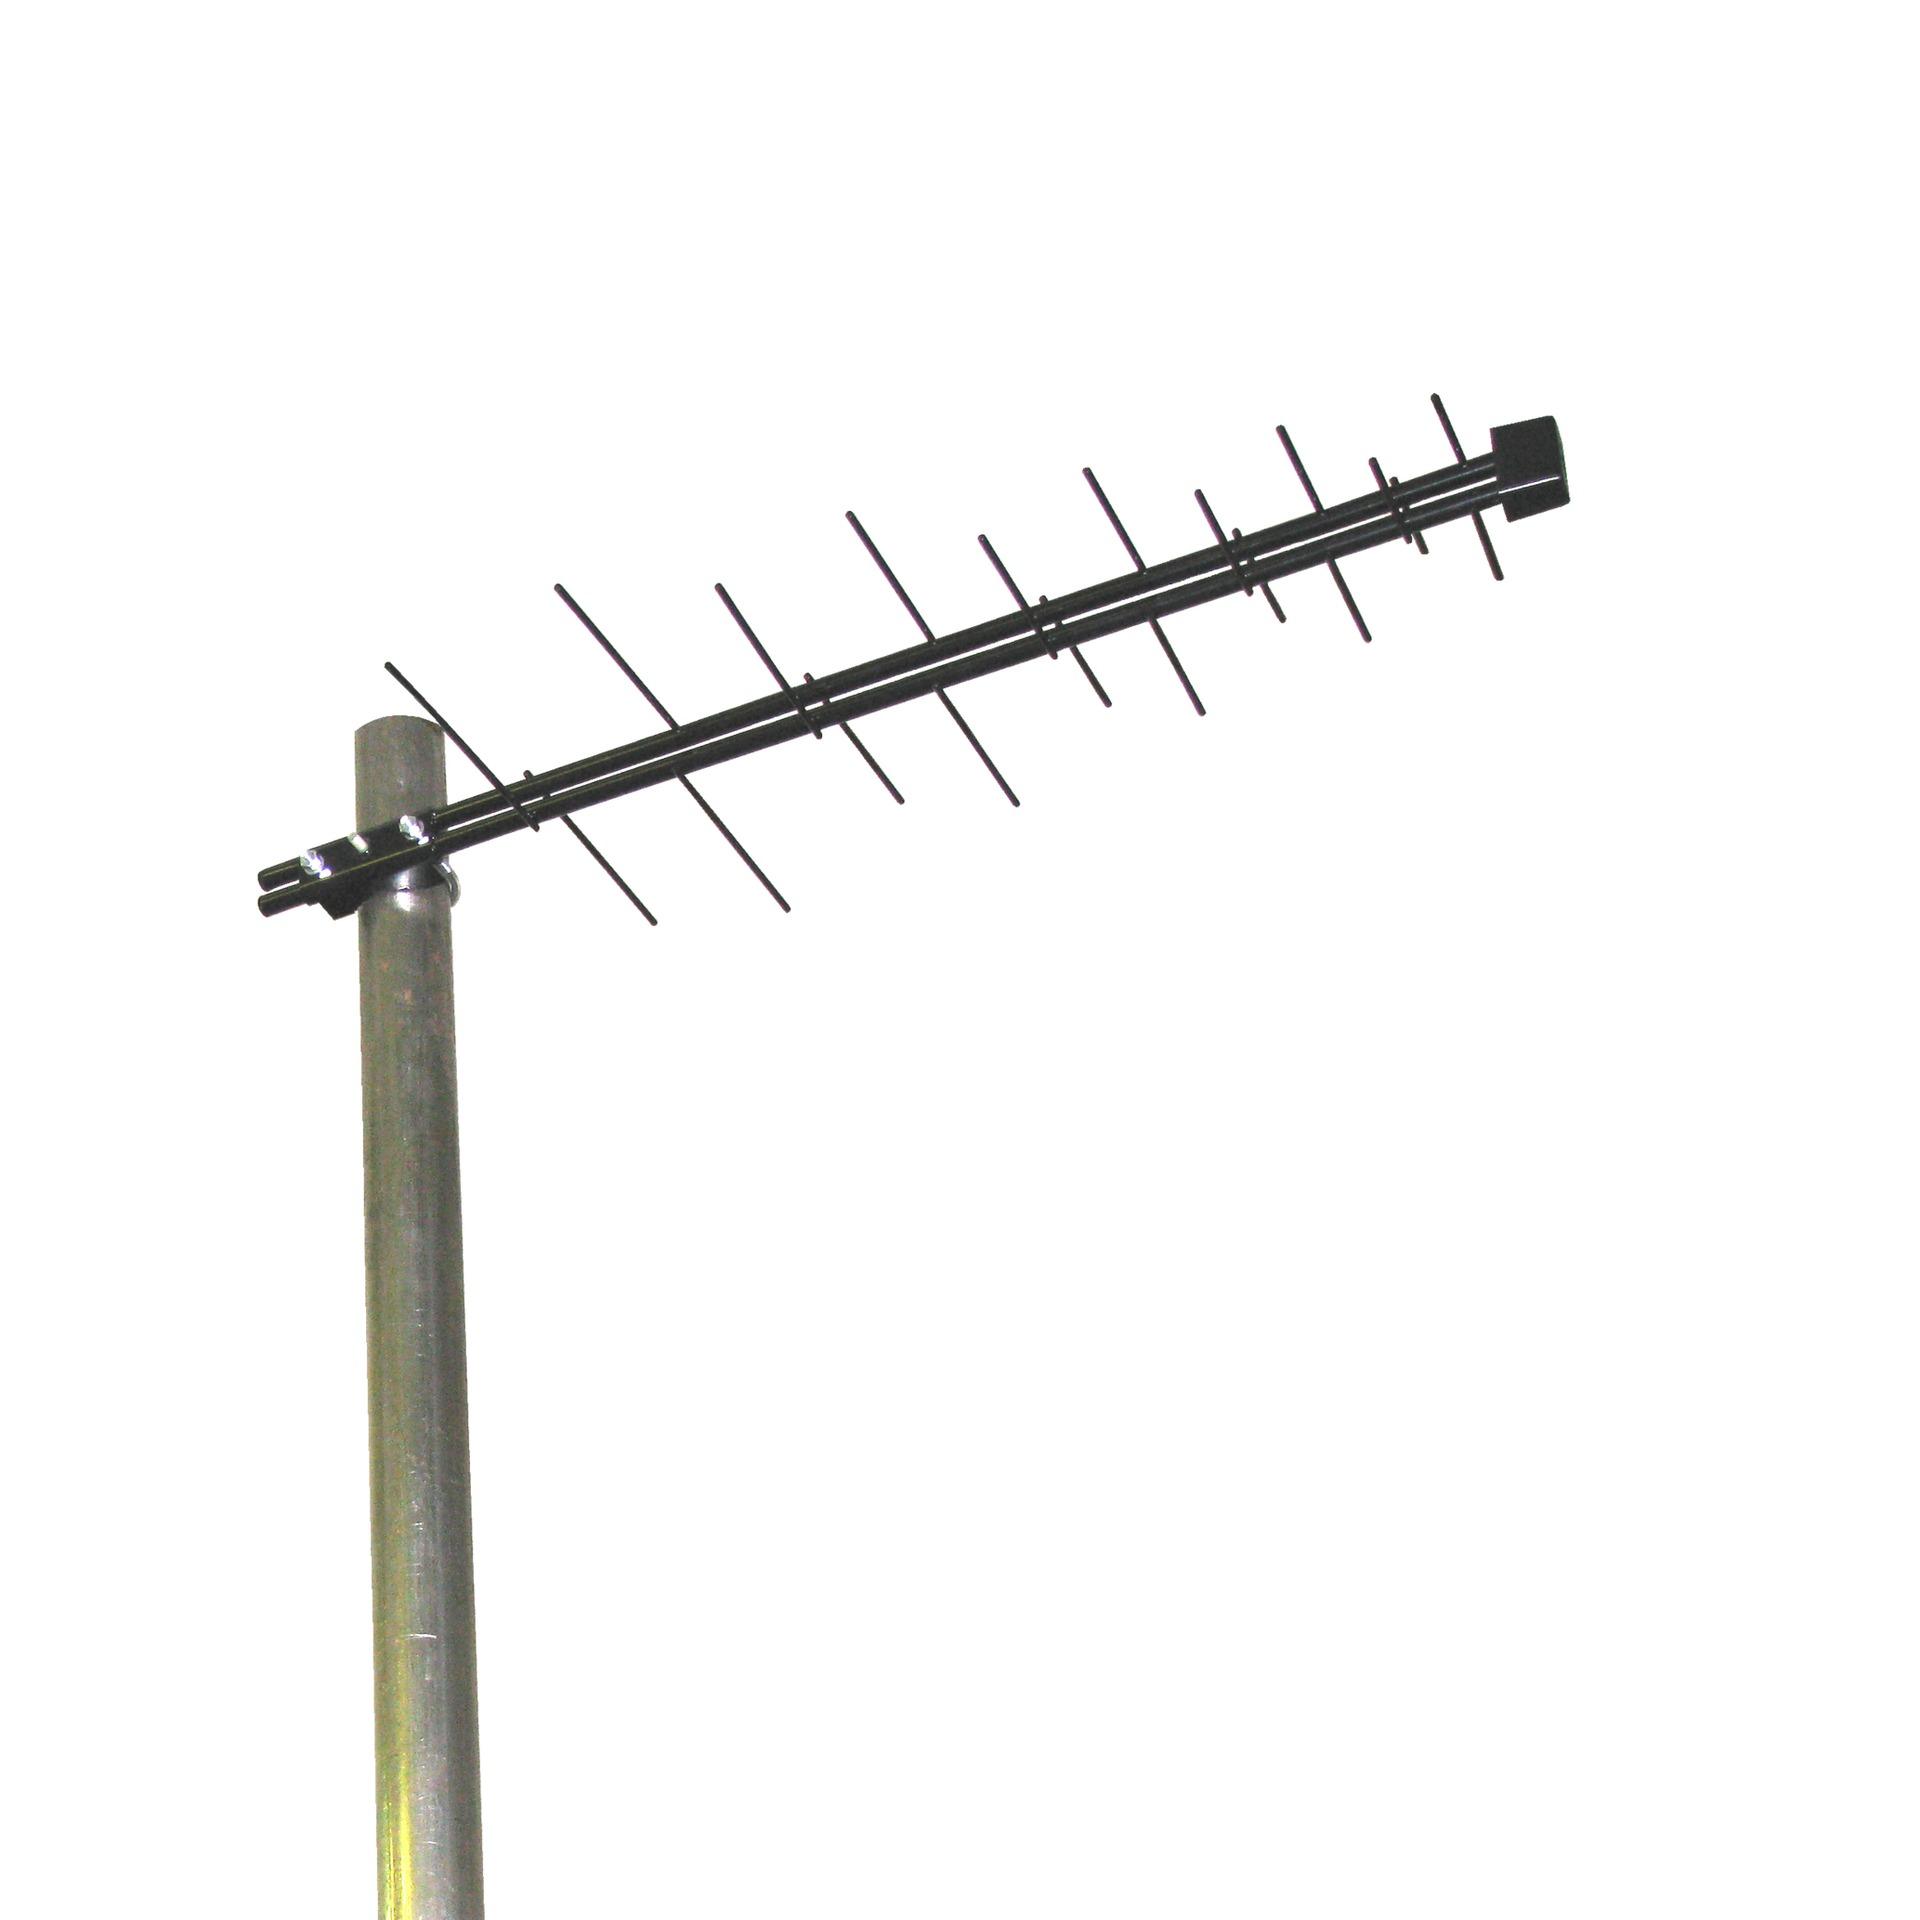 подключение теле антенны альфа н311-01 инструкция